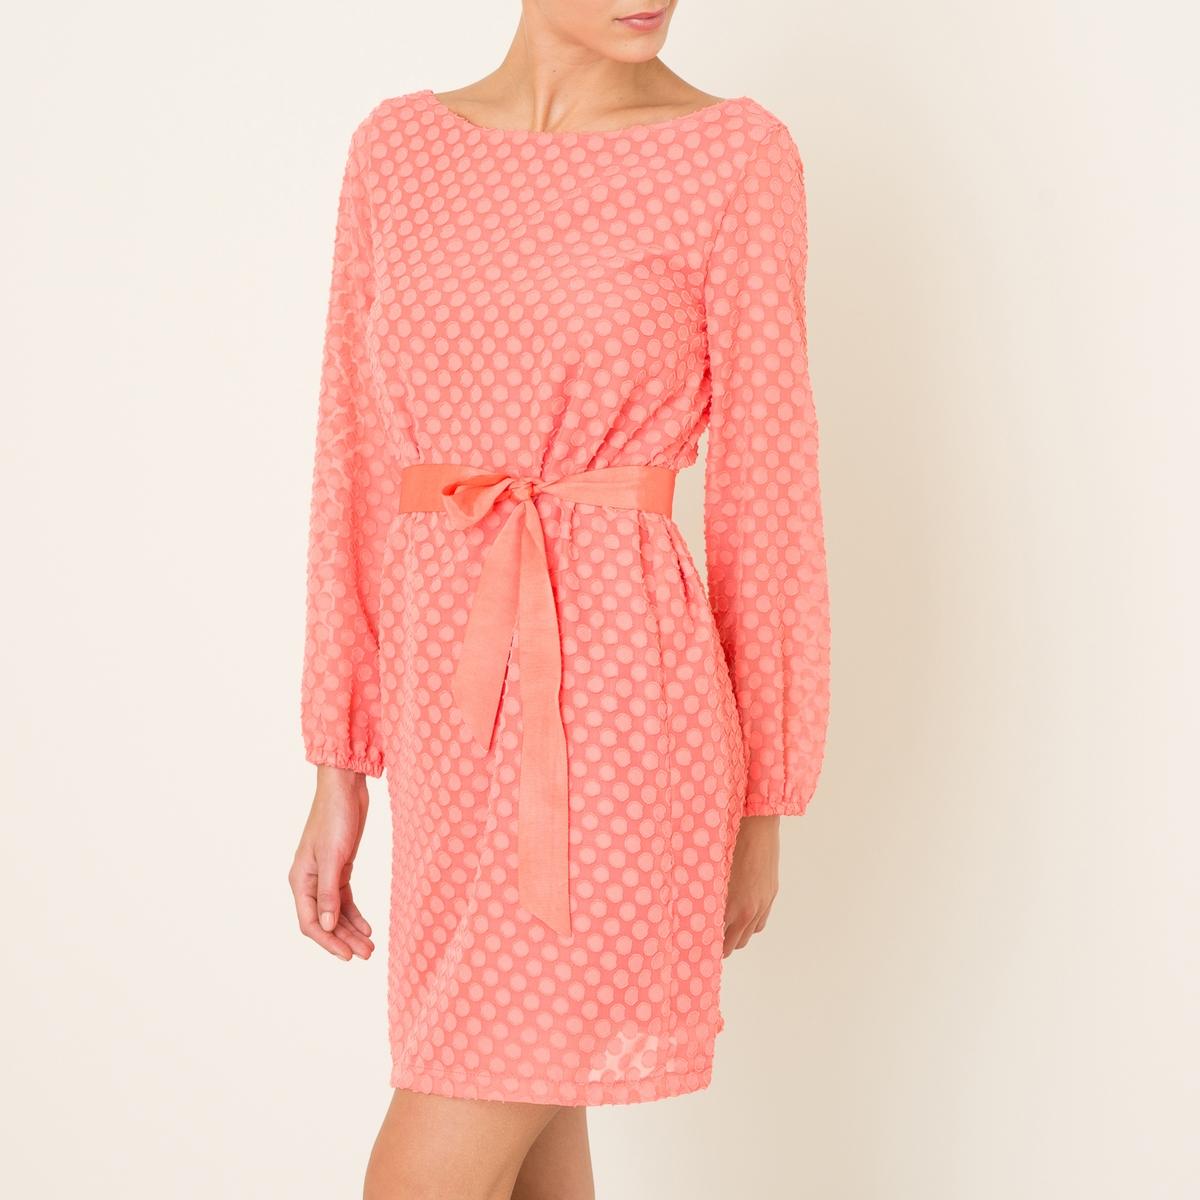 Платье AIMEСостав и описание    Материал : 100% полиэстер   Подкладка 100% полиэстер   Длина : ок. 93 см. для размера 36   Марка : LA BRAND BOUTIQUE<br><br>Цвет: коралловый<br>Размер: L